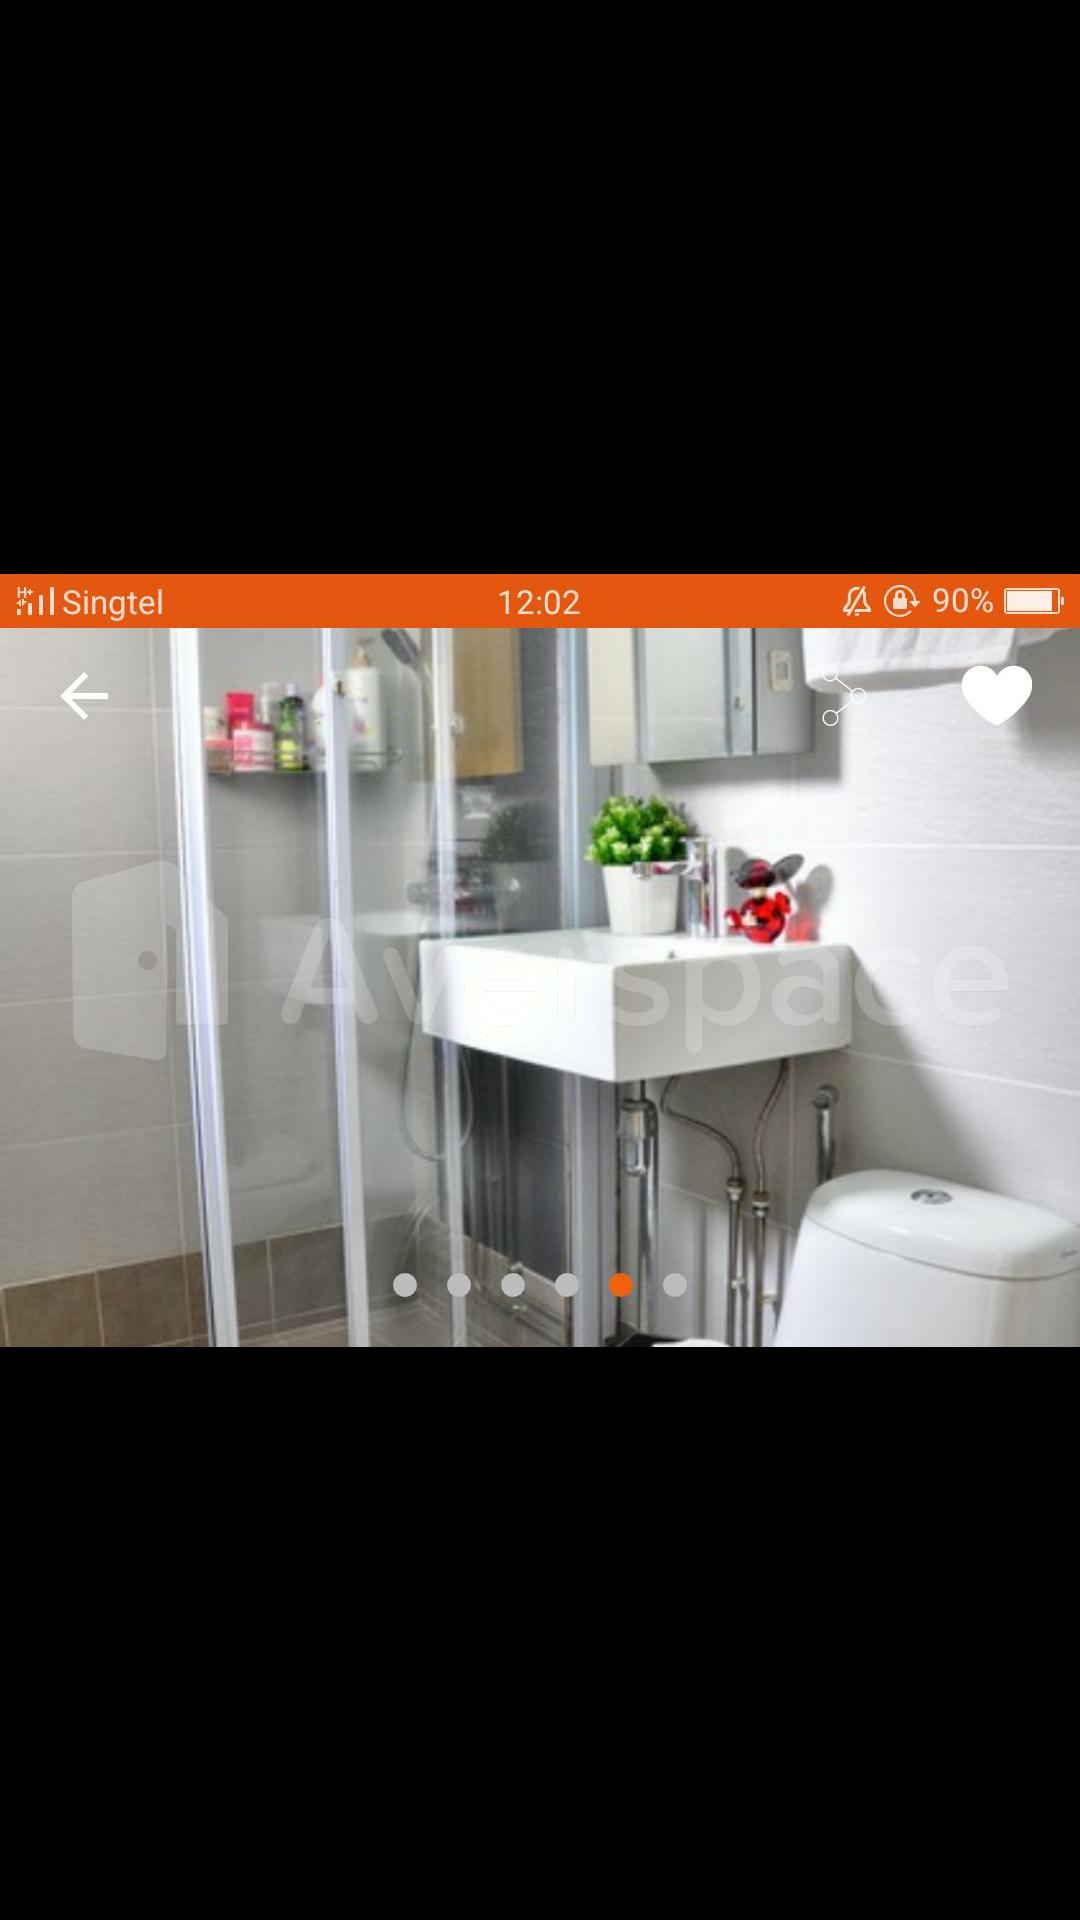 115 Teck Whye Lane, District 23 Singapore